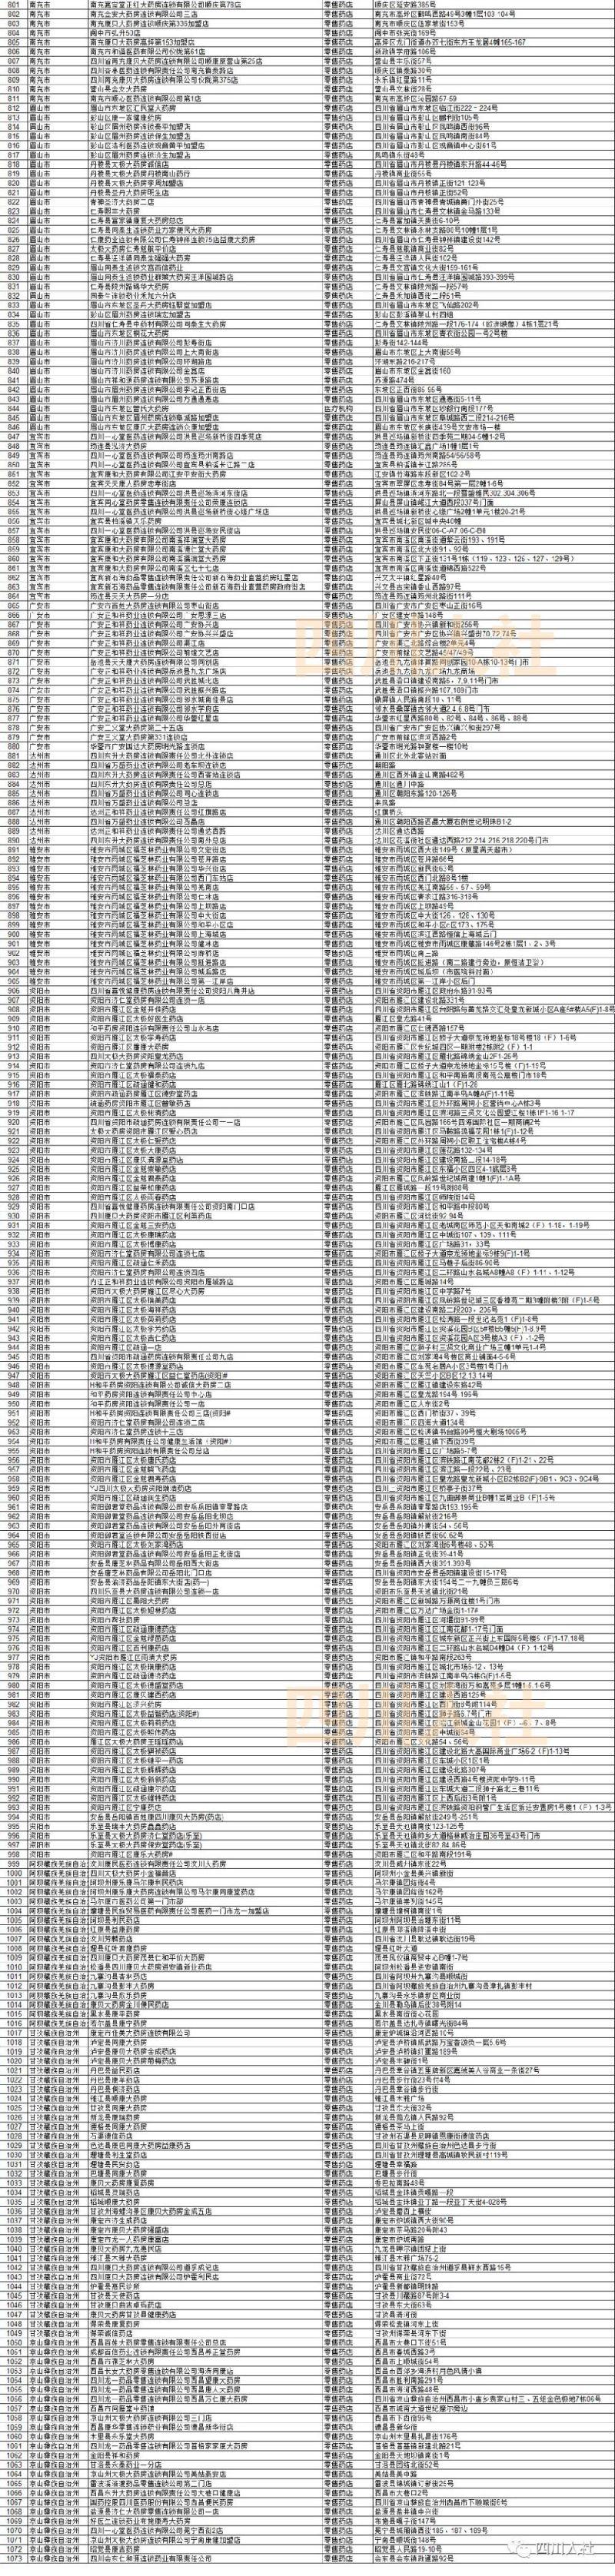 10月起四川医保个人账户省内异地刷卡直接结算全面开通